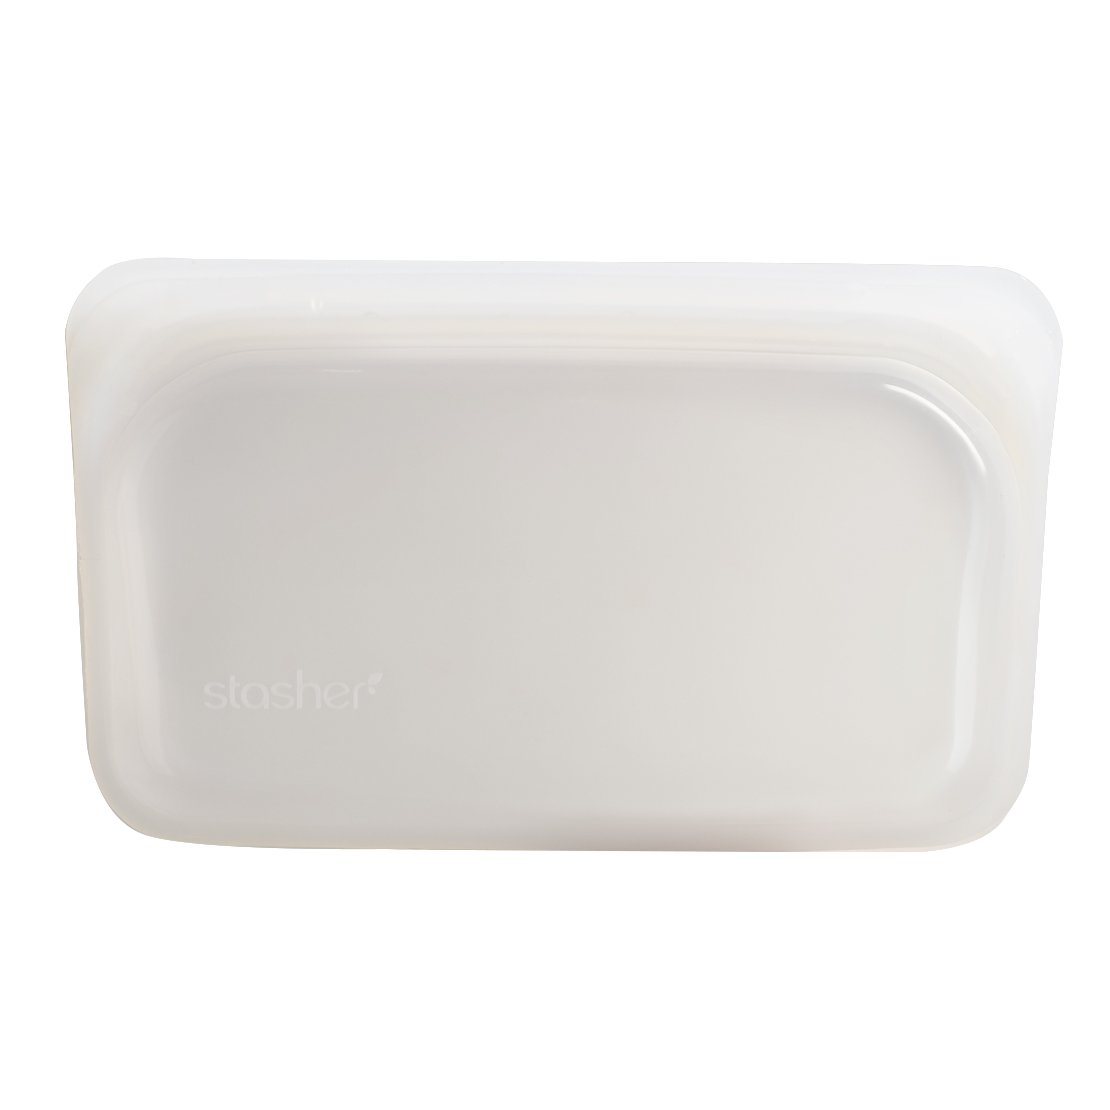 Stasher Reusable Silicone Food Bag, Snack Bag, Clear STMK00